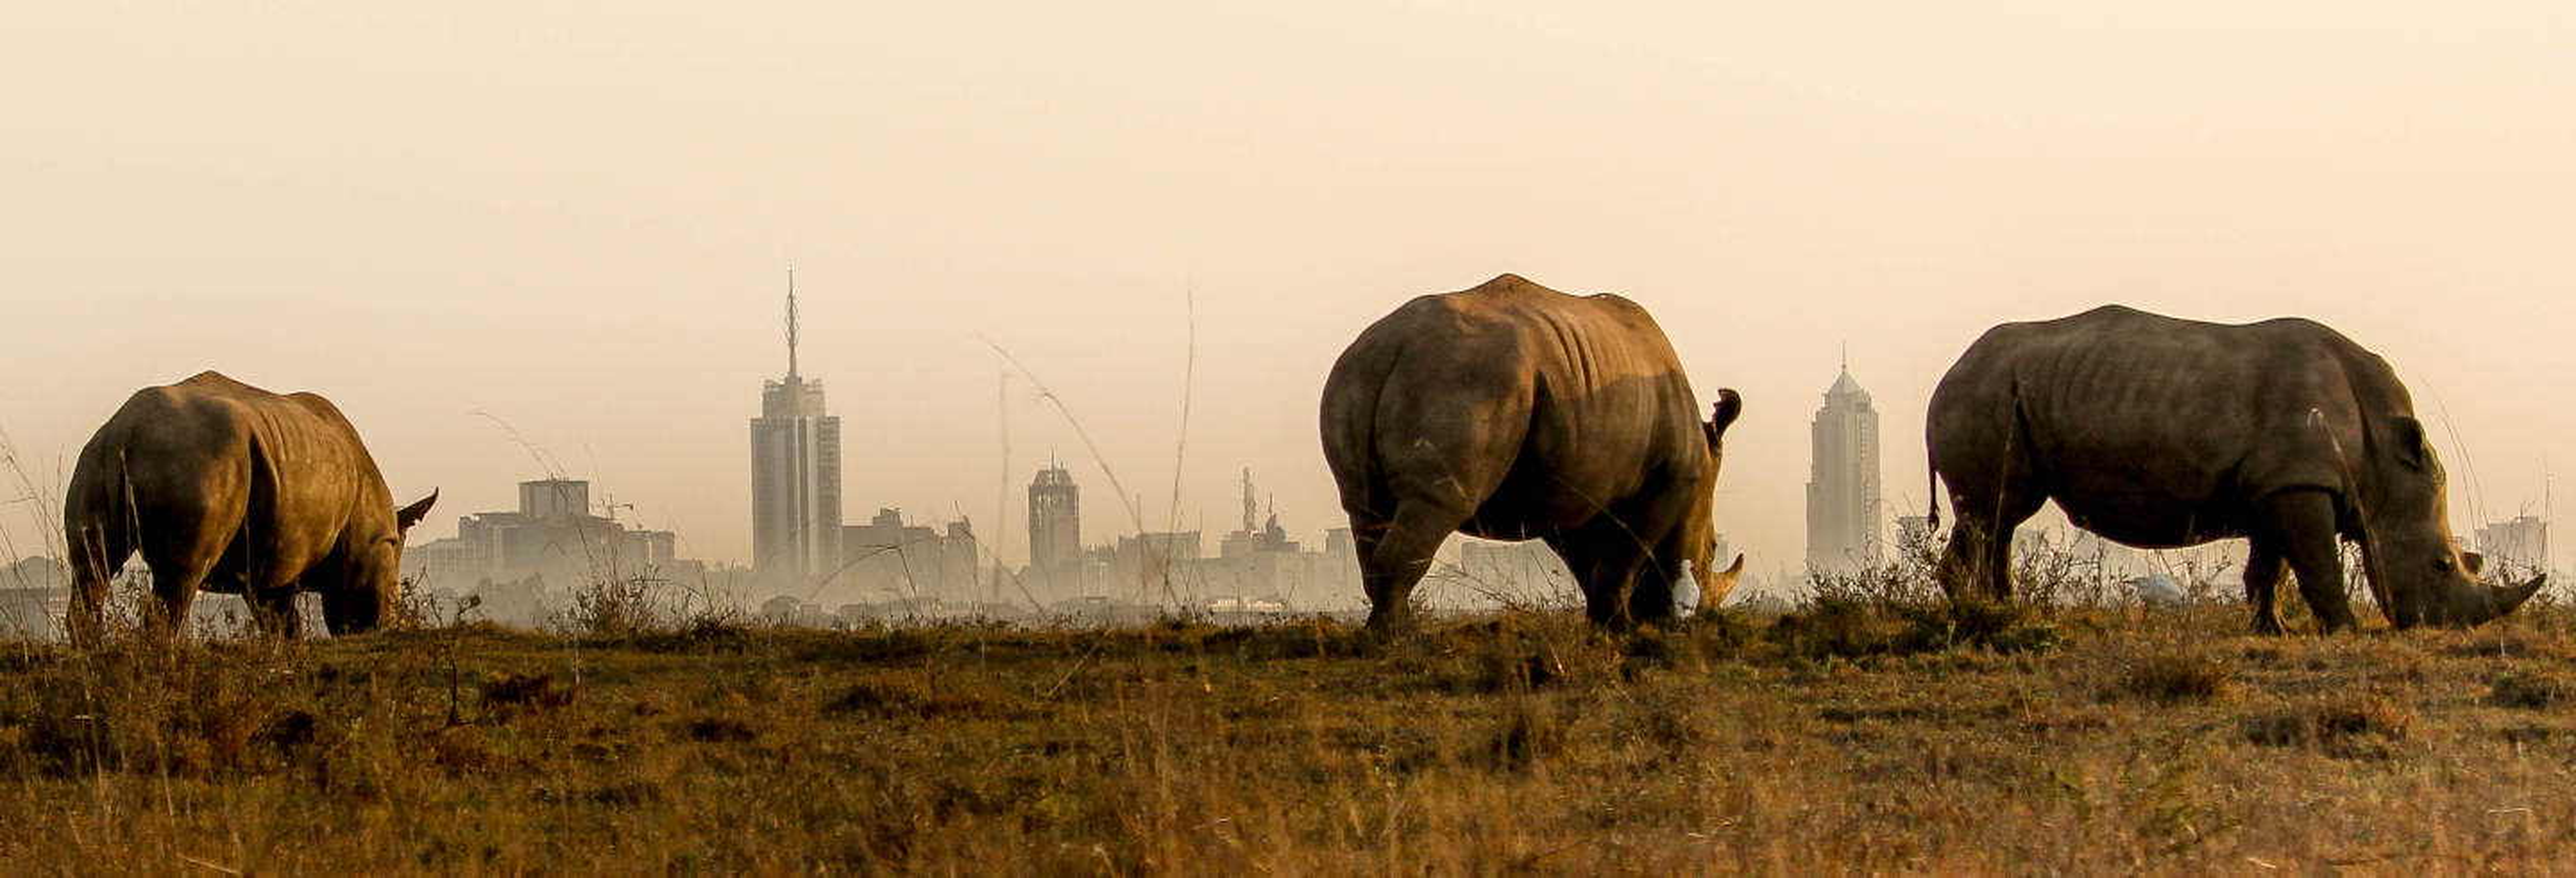 Safari por el Parque Nacional de Nairobi